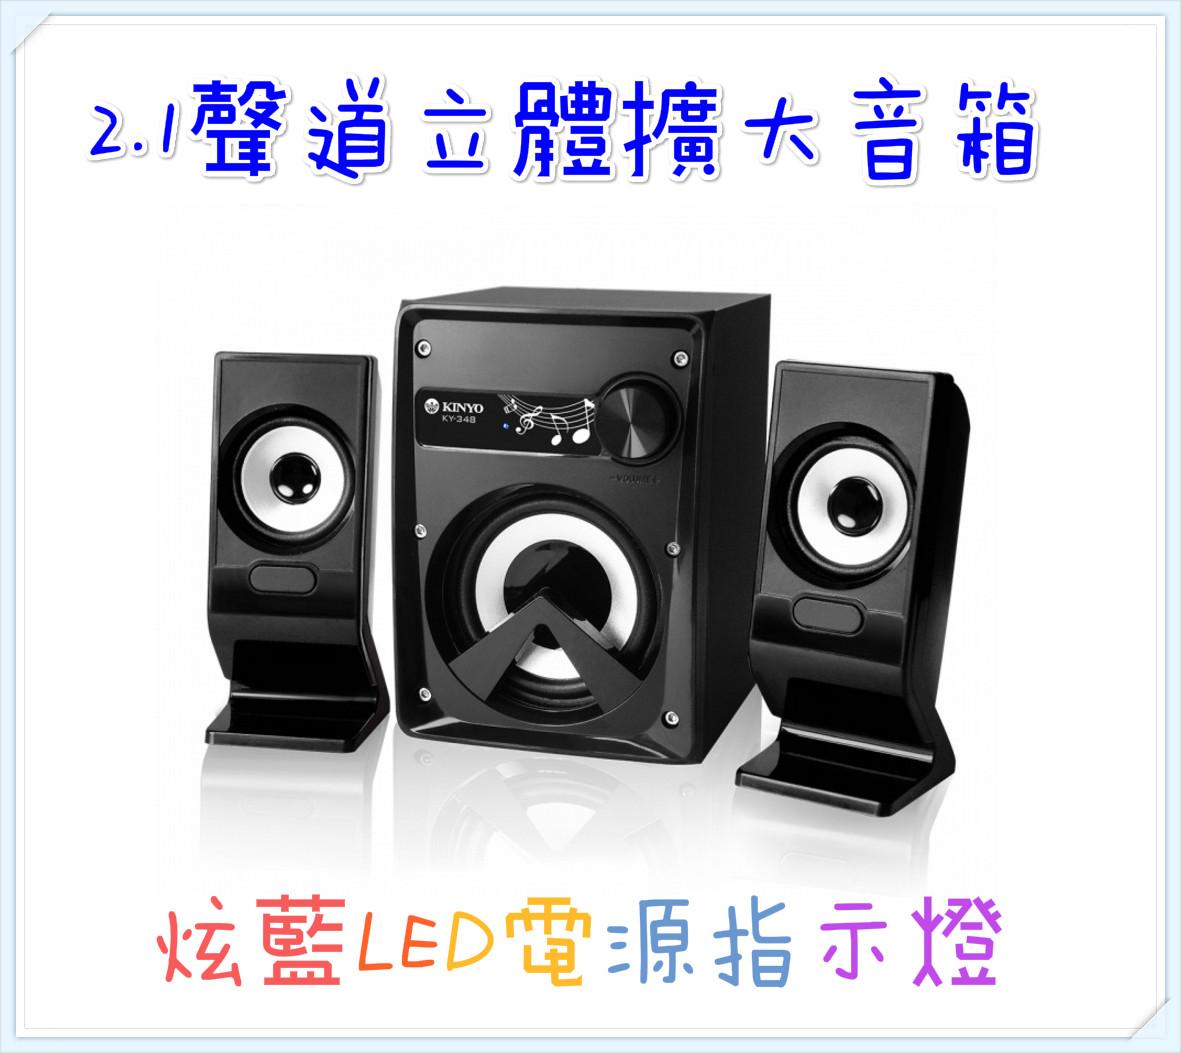 ❤含發票❤【KINYO-2.1聲道立體擴大音箱】❤音響/喇叭/電腦/平板/筆電/手機/音樂/影片/影音❤